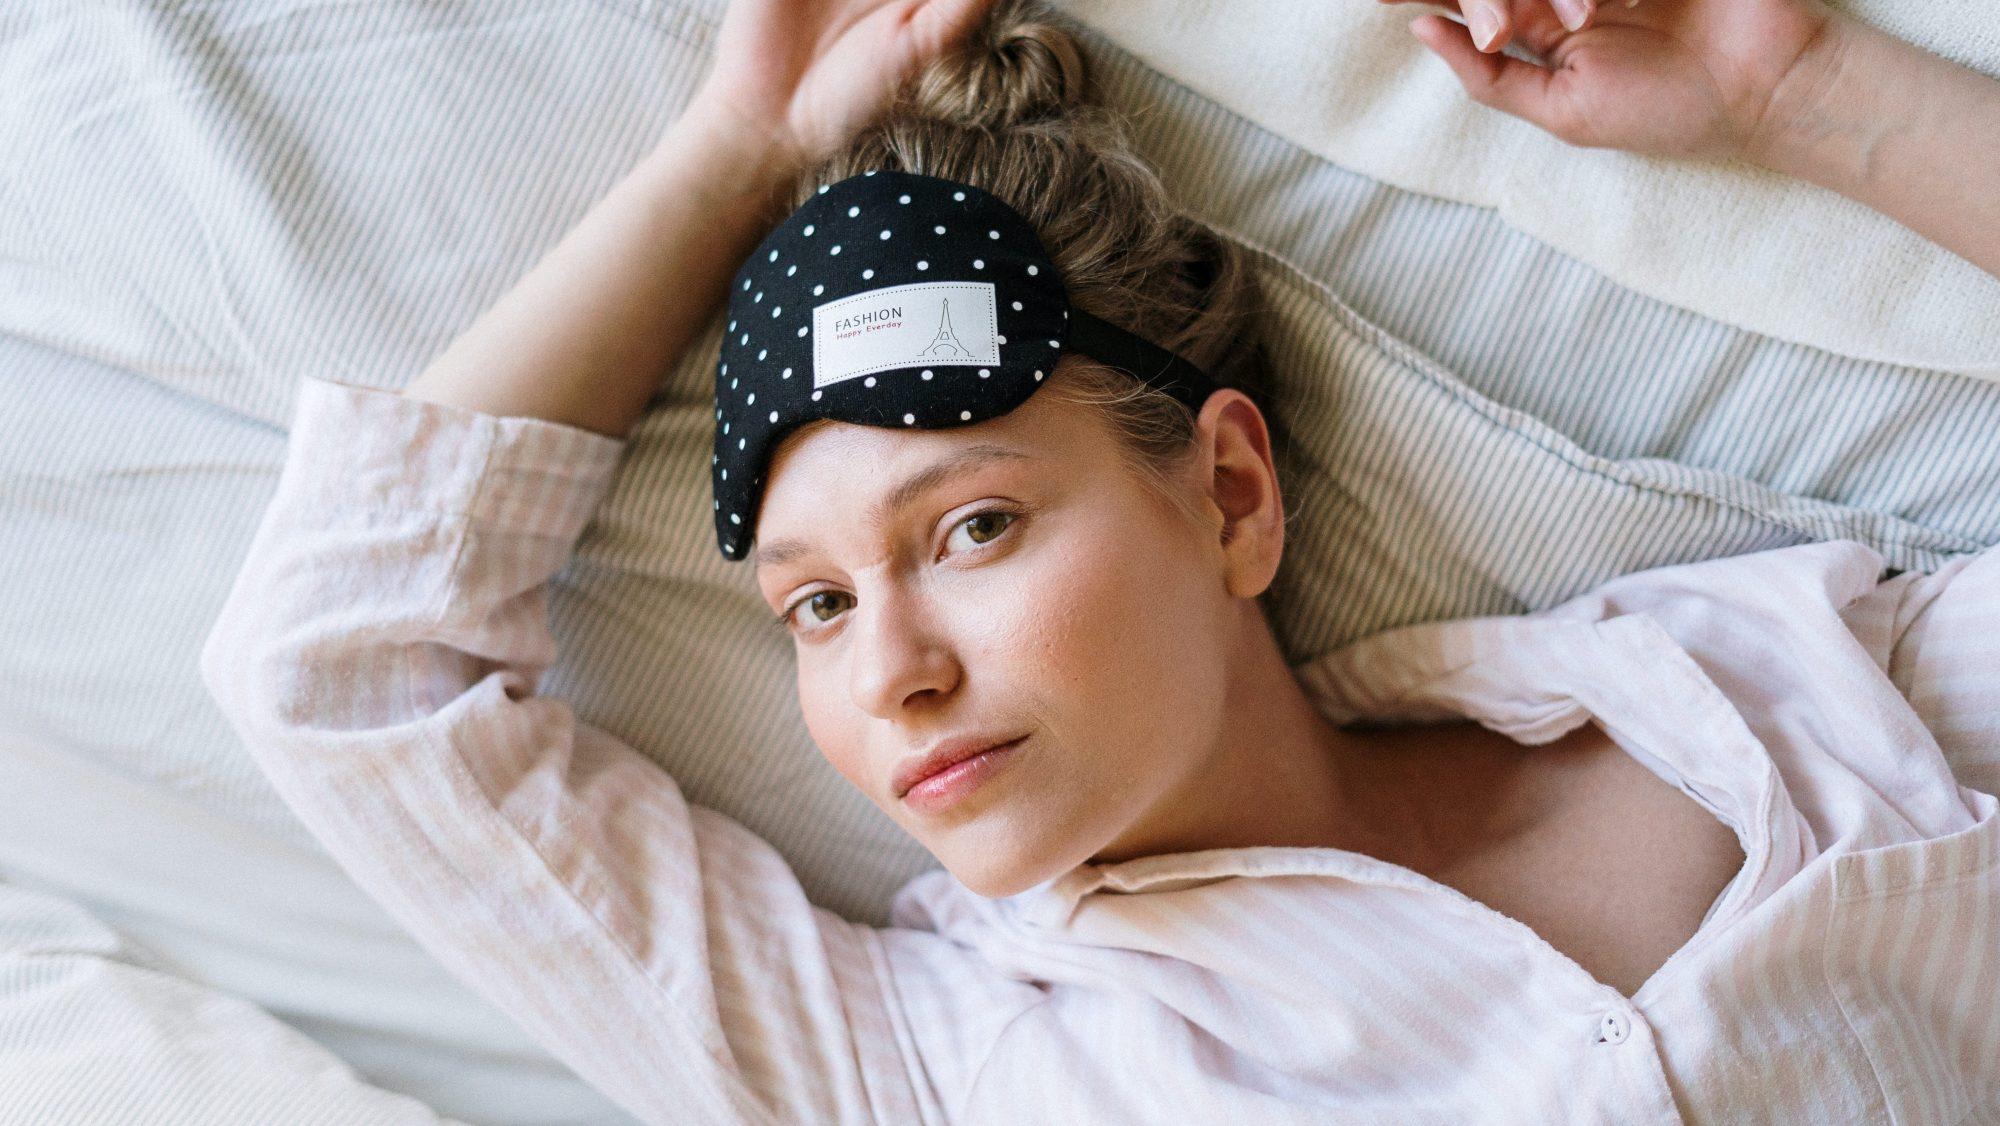 Τα beauty tips για να δείχνεις ξεκούραστη τη Δευτέρα ακόμα κι αν έχεις κοιμηθεί ελάχιστα το weekend Κι όμως αυτά τα beauty tips αναπληρώνουν ένα 8ωρο ύπνου!